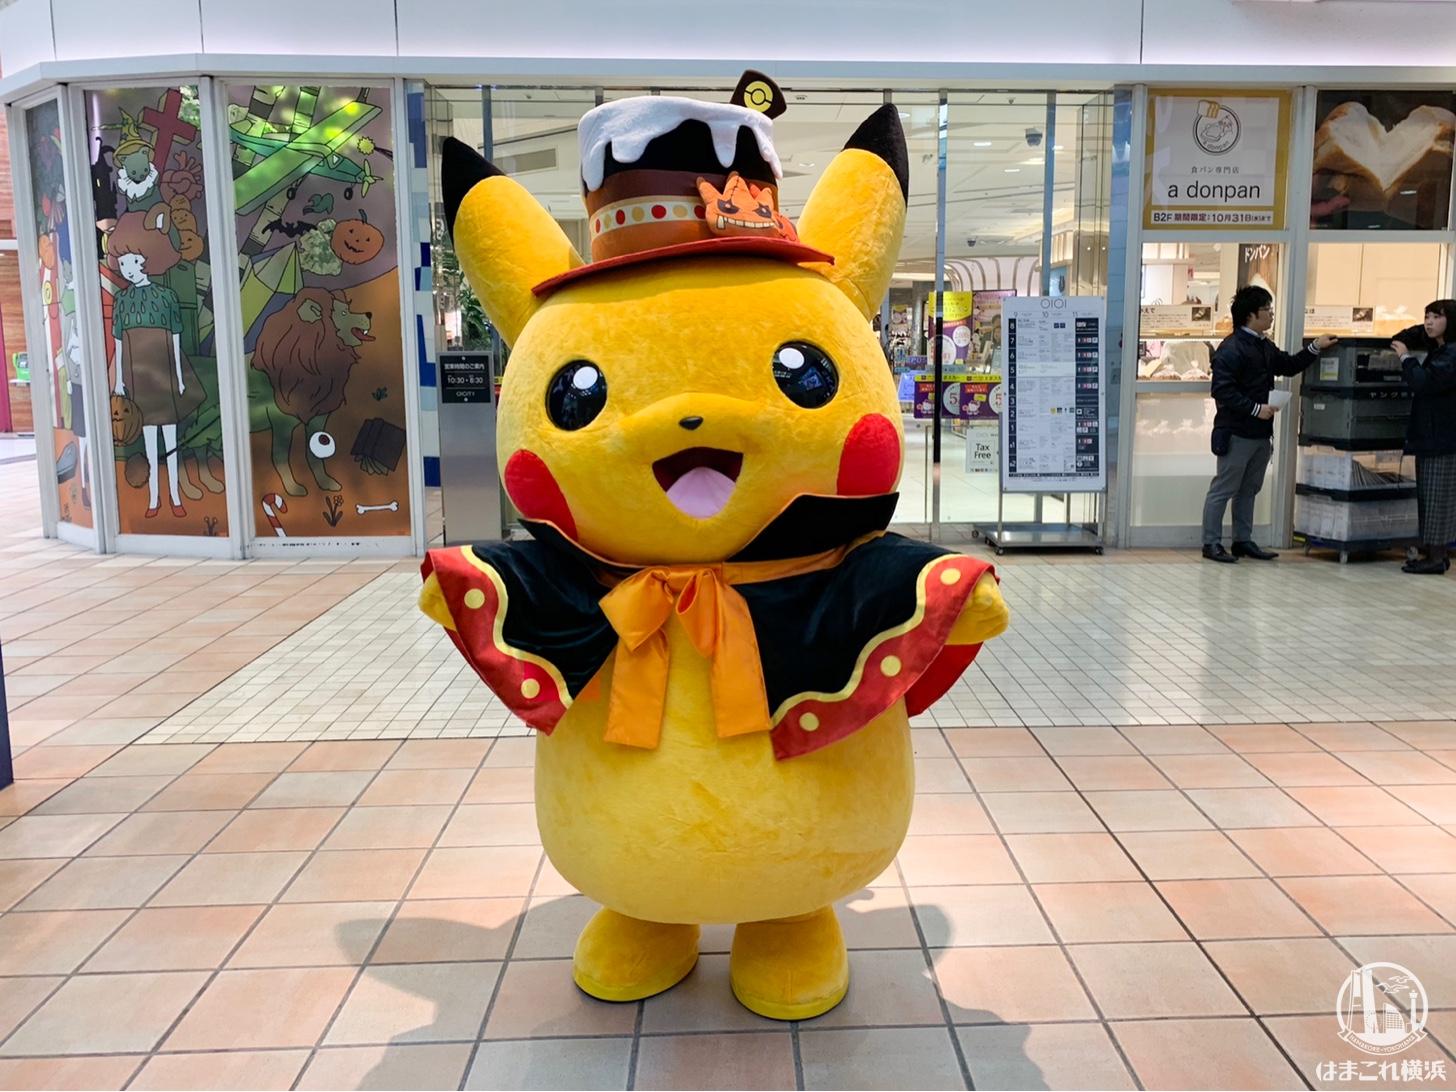 ピカチュウハロウィン、横浜駅でポケモンセンター ヨコハマをアピール